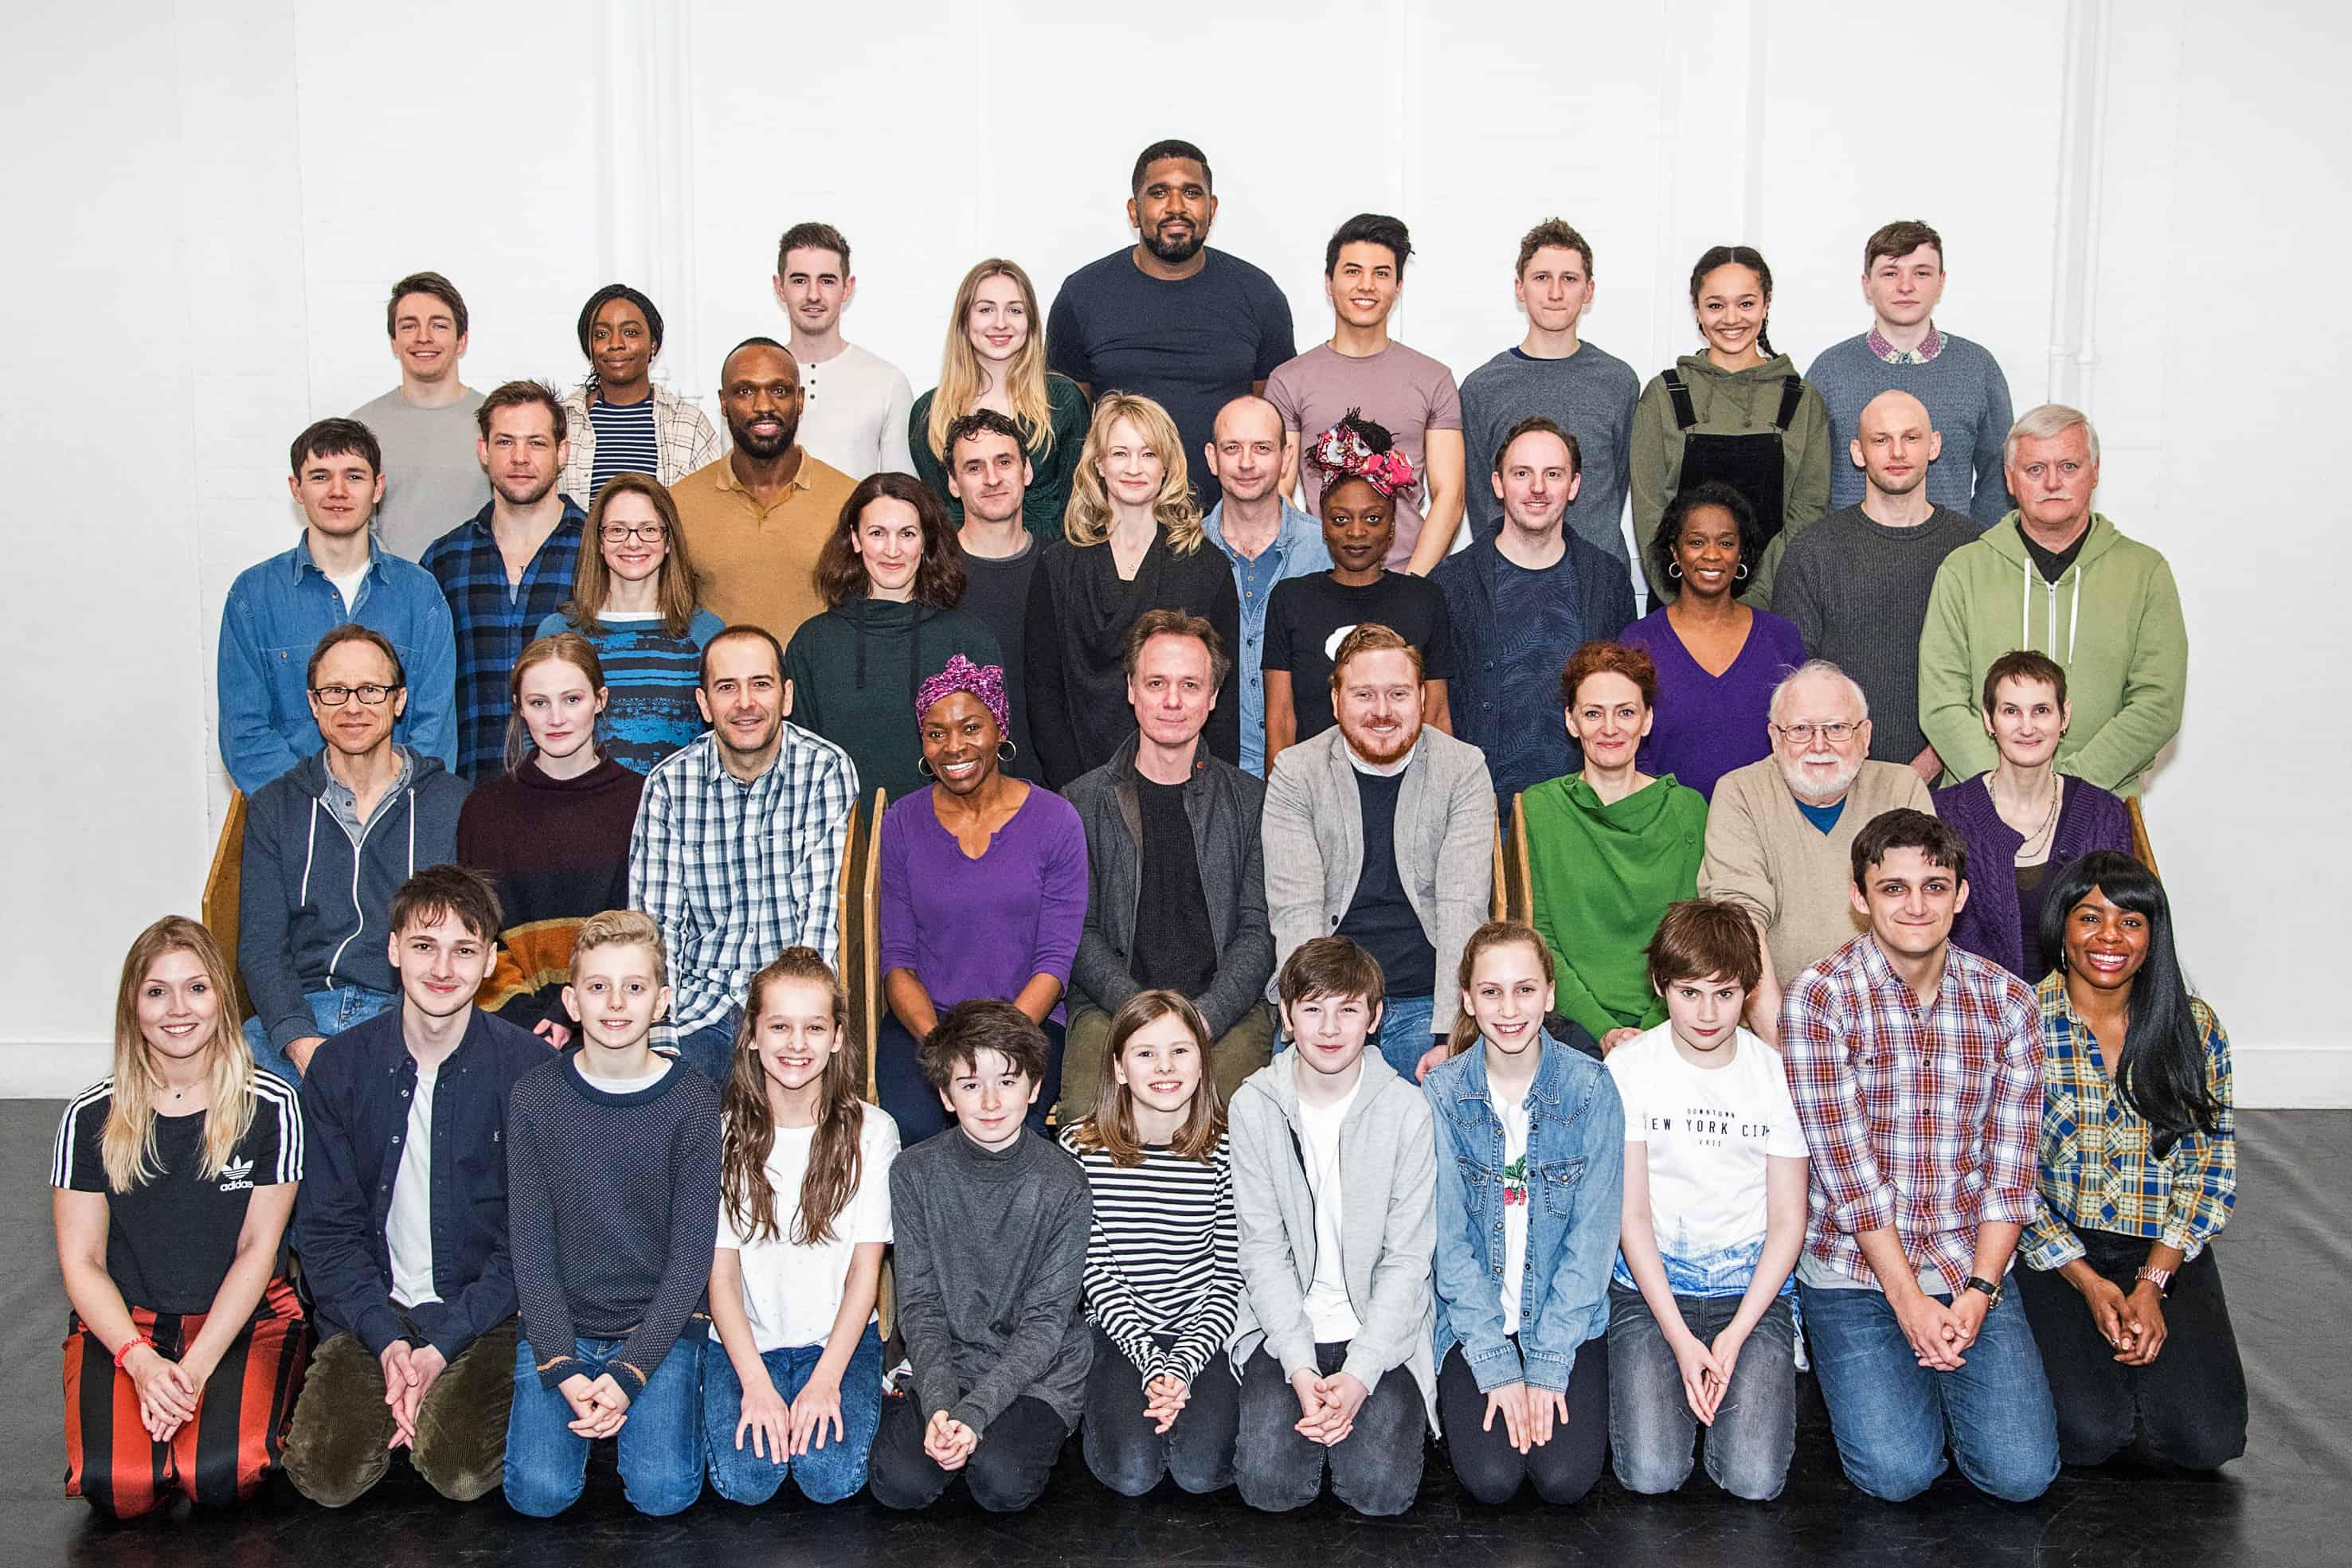 A foto mostra 42 pessoas reunidas e divididas em 4 fileiras.